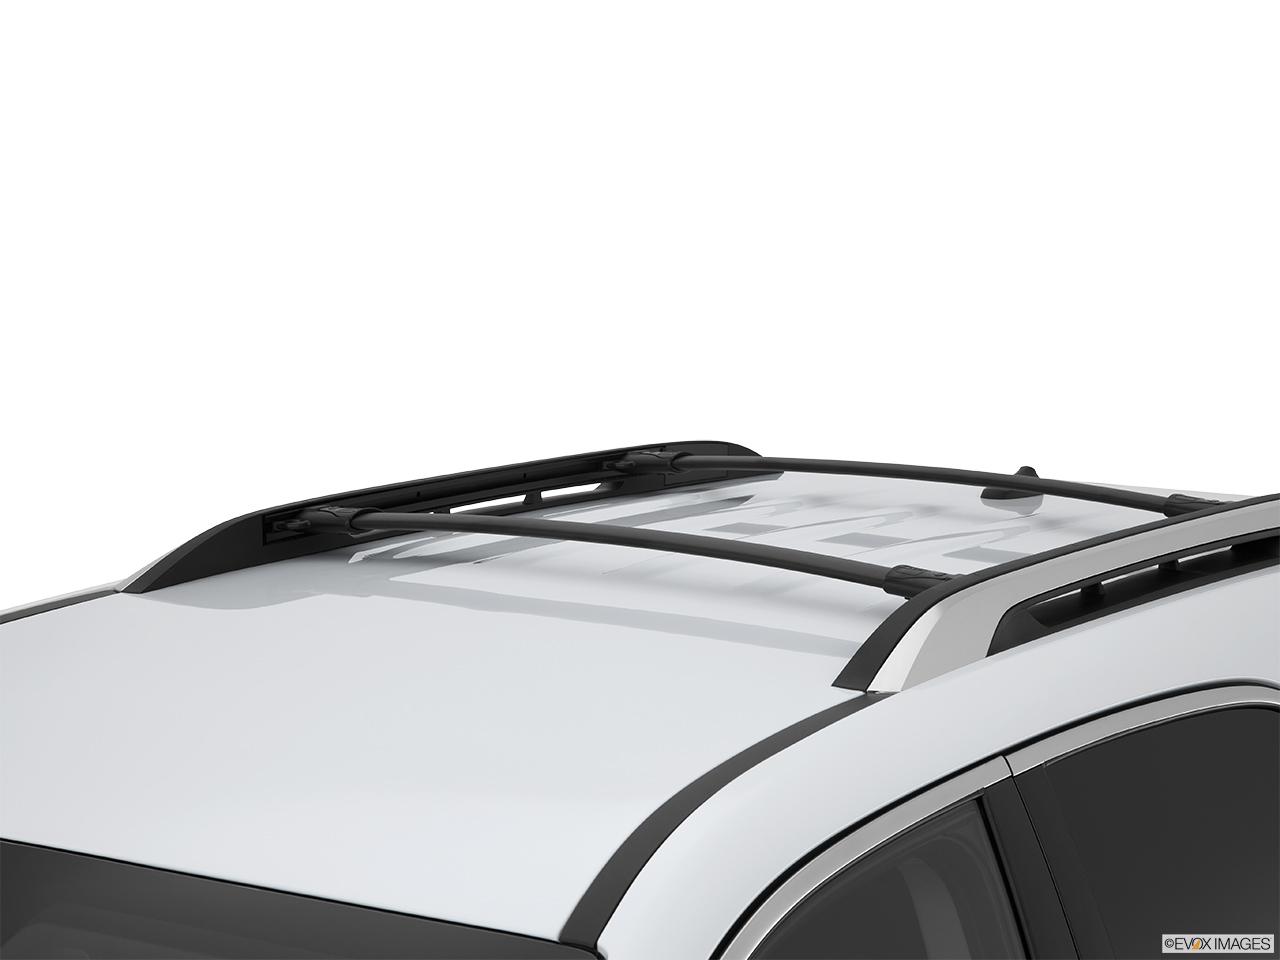 Perfect 2014 Chevrolet Equinox AWD LTZ   Roof Rack Props